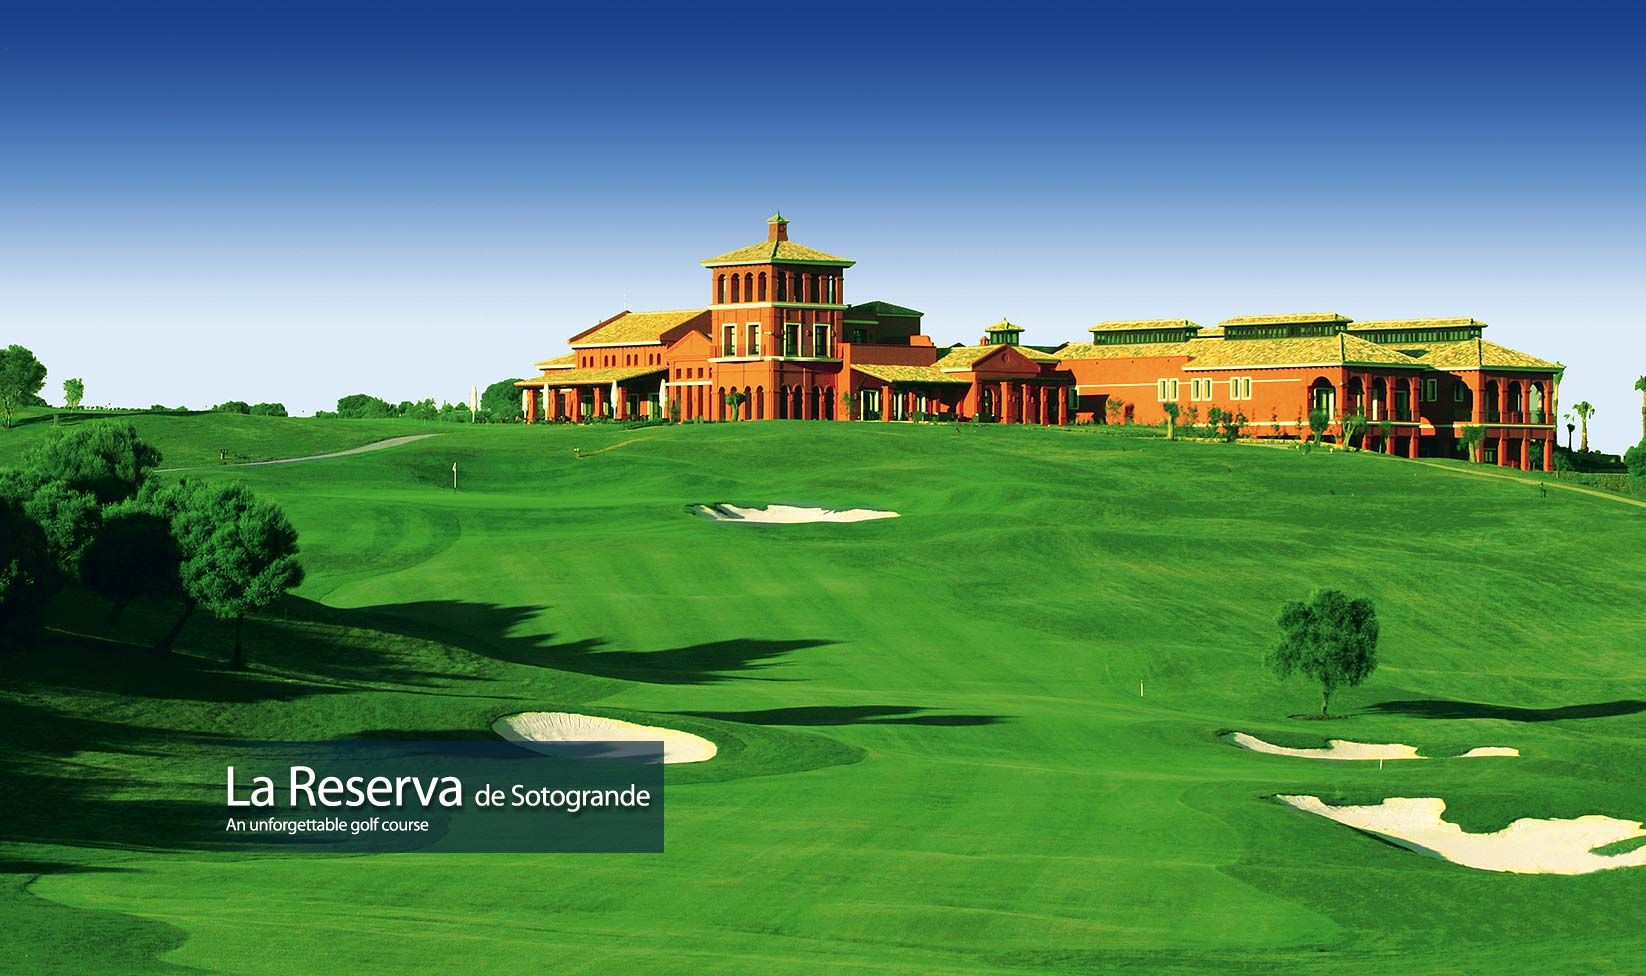 La Reserva Campo De Golf En Sotogrande Uno De Los Mejores De Espana Golf Vacations Dubai Golf Golf Courses